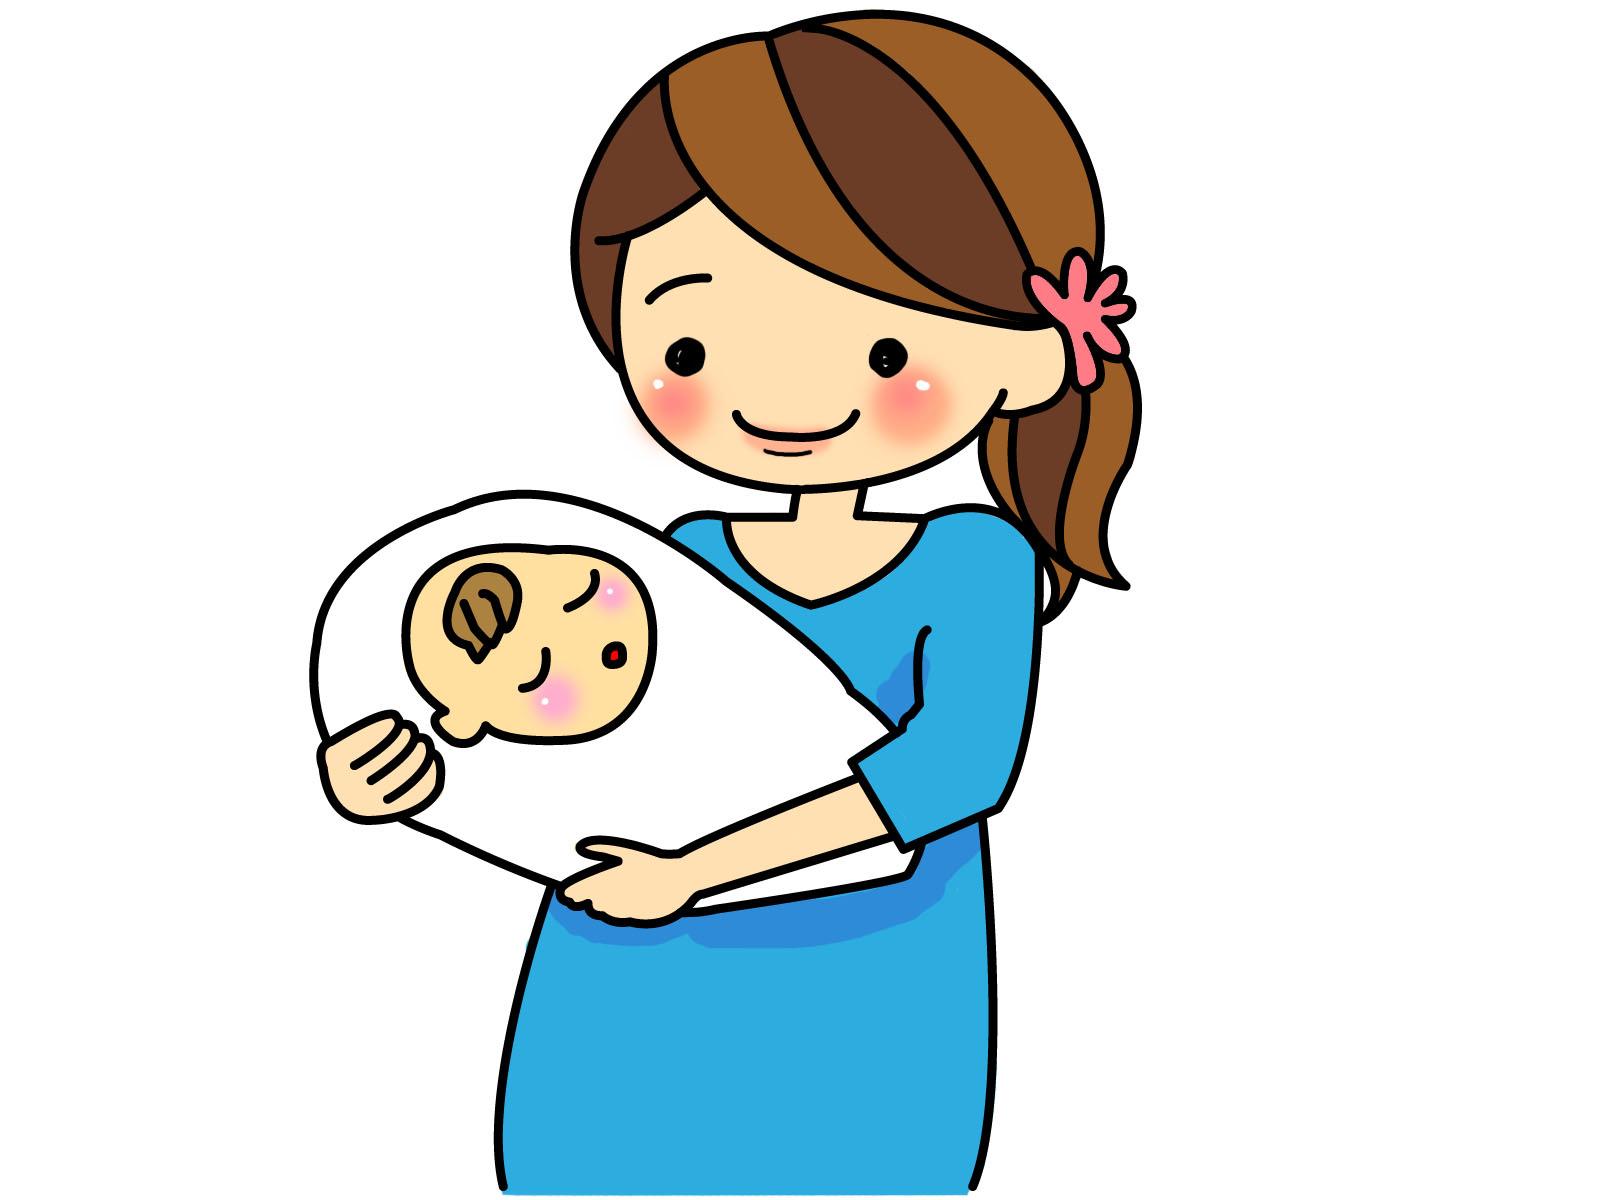 大切な赤ちゃんの為にするべきこと